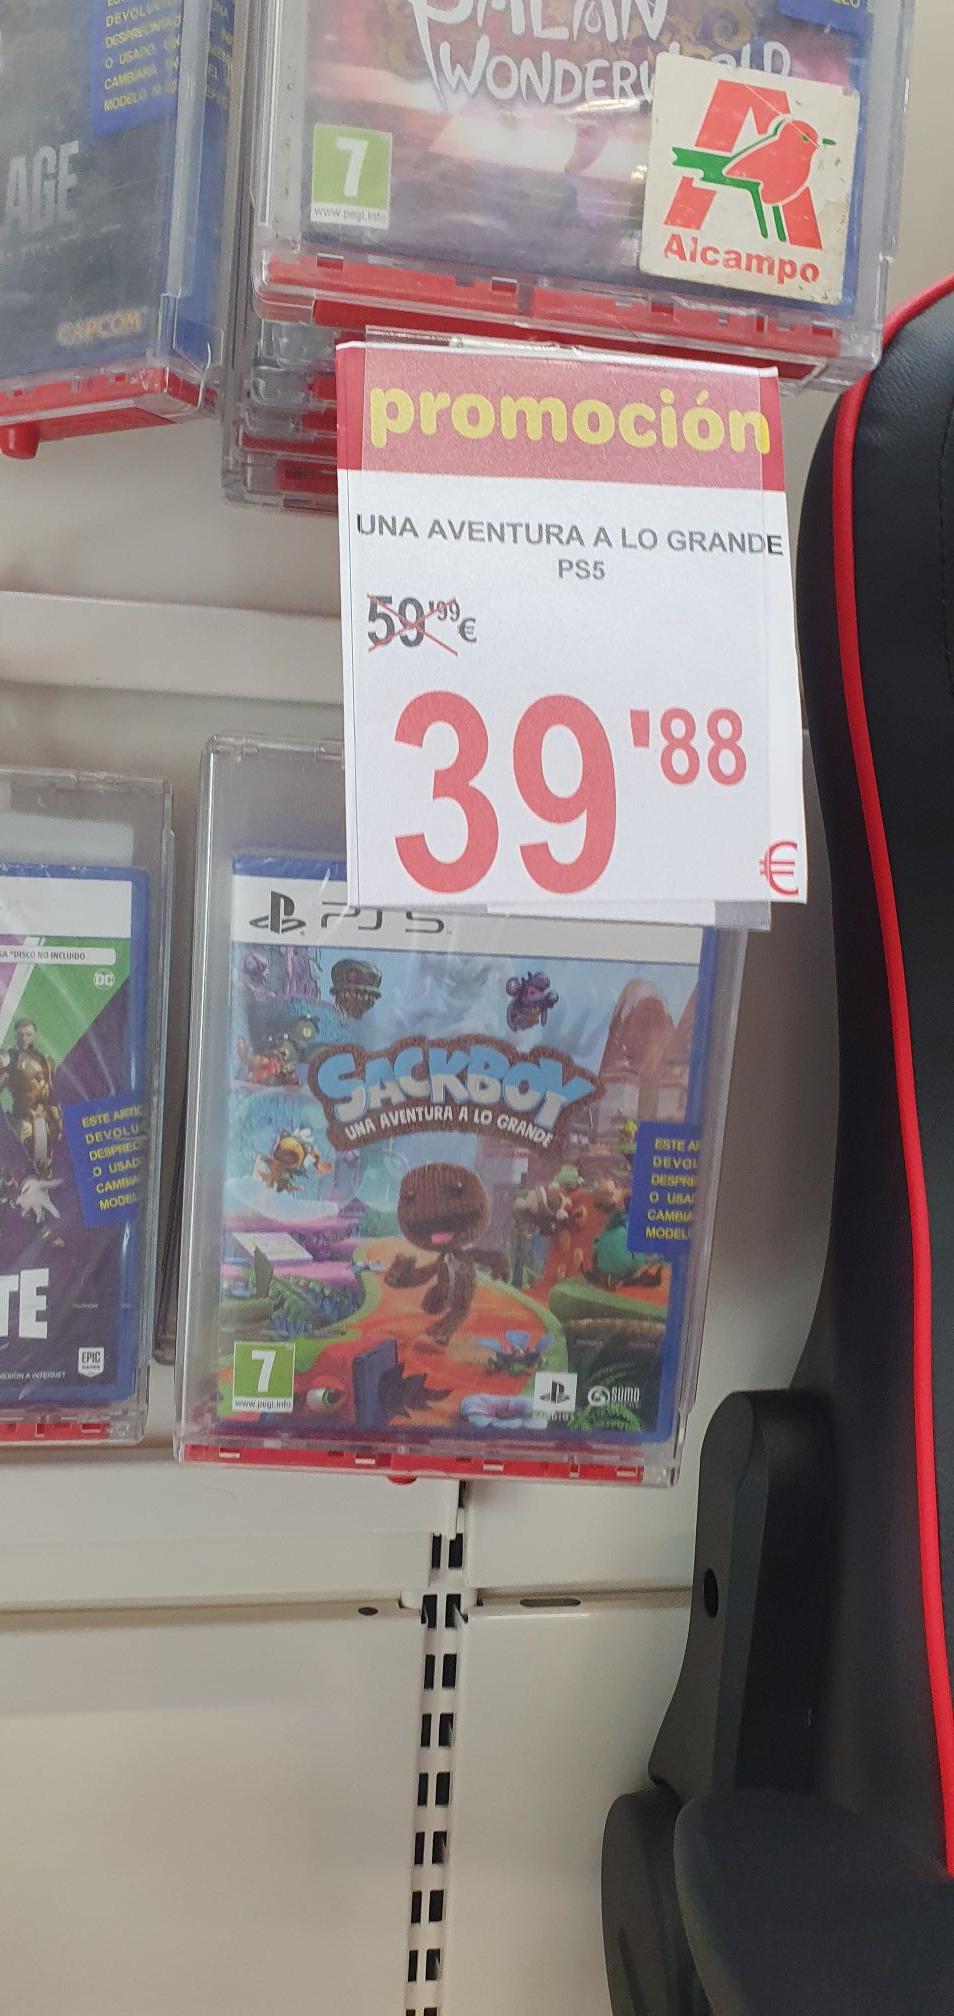 Sackboy una aventura a lo grande para PS5 en alcampo de marratxi (palma de mallorca)